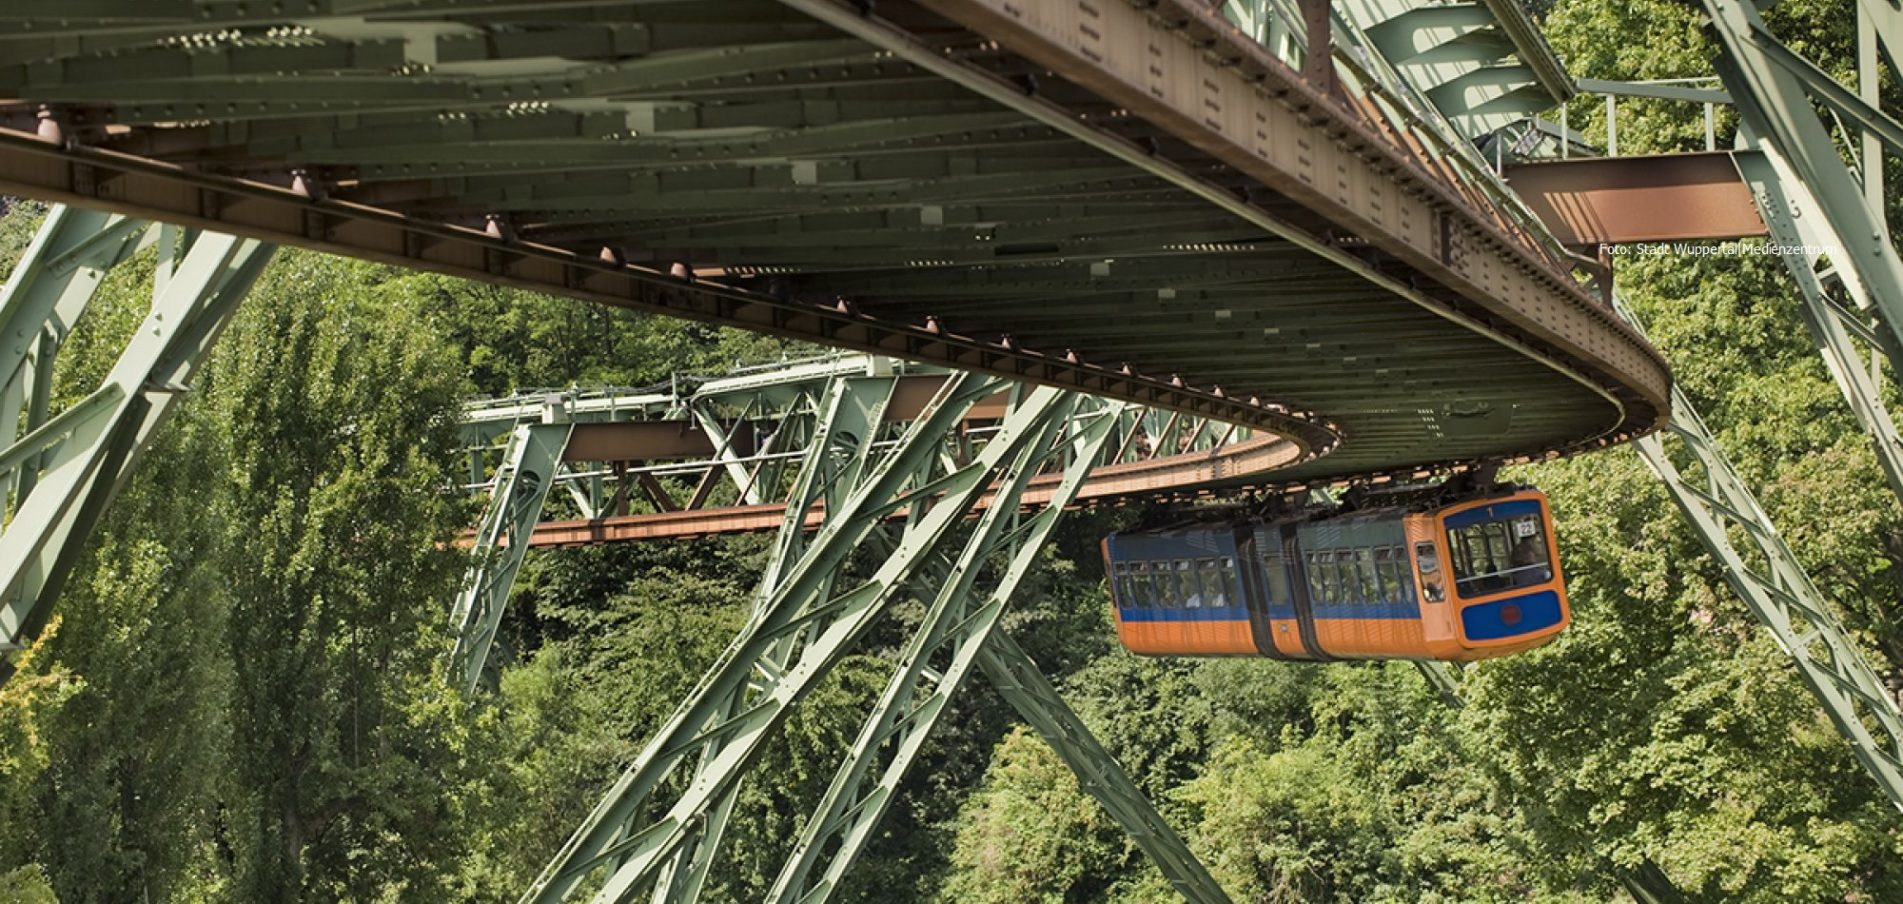 Willkommen in Wuppertal ...Deutschlands grünster Großstadt!